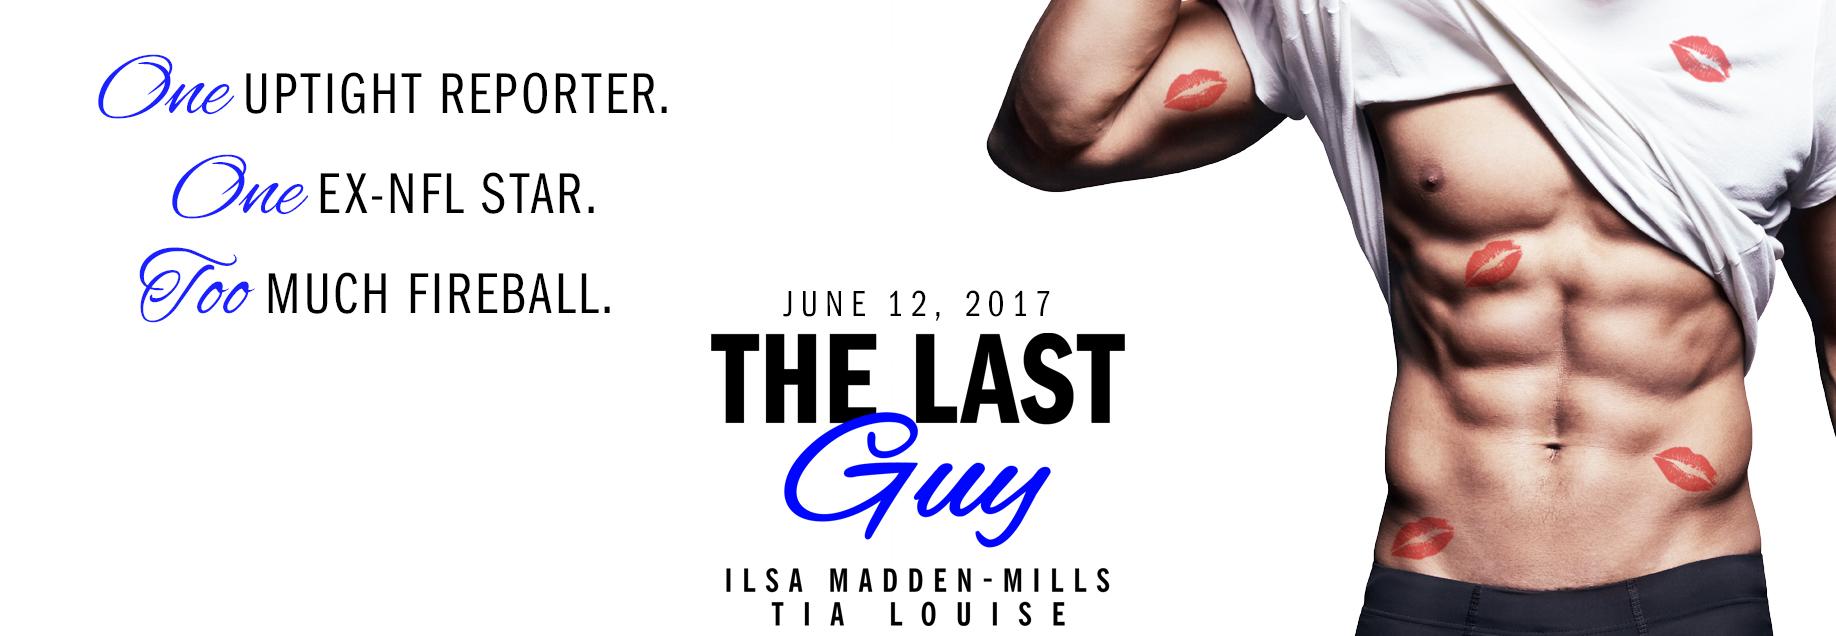 The Last Guy.jpg